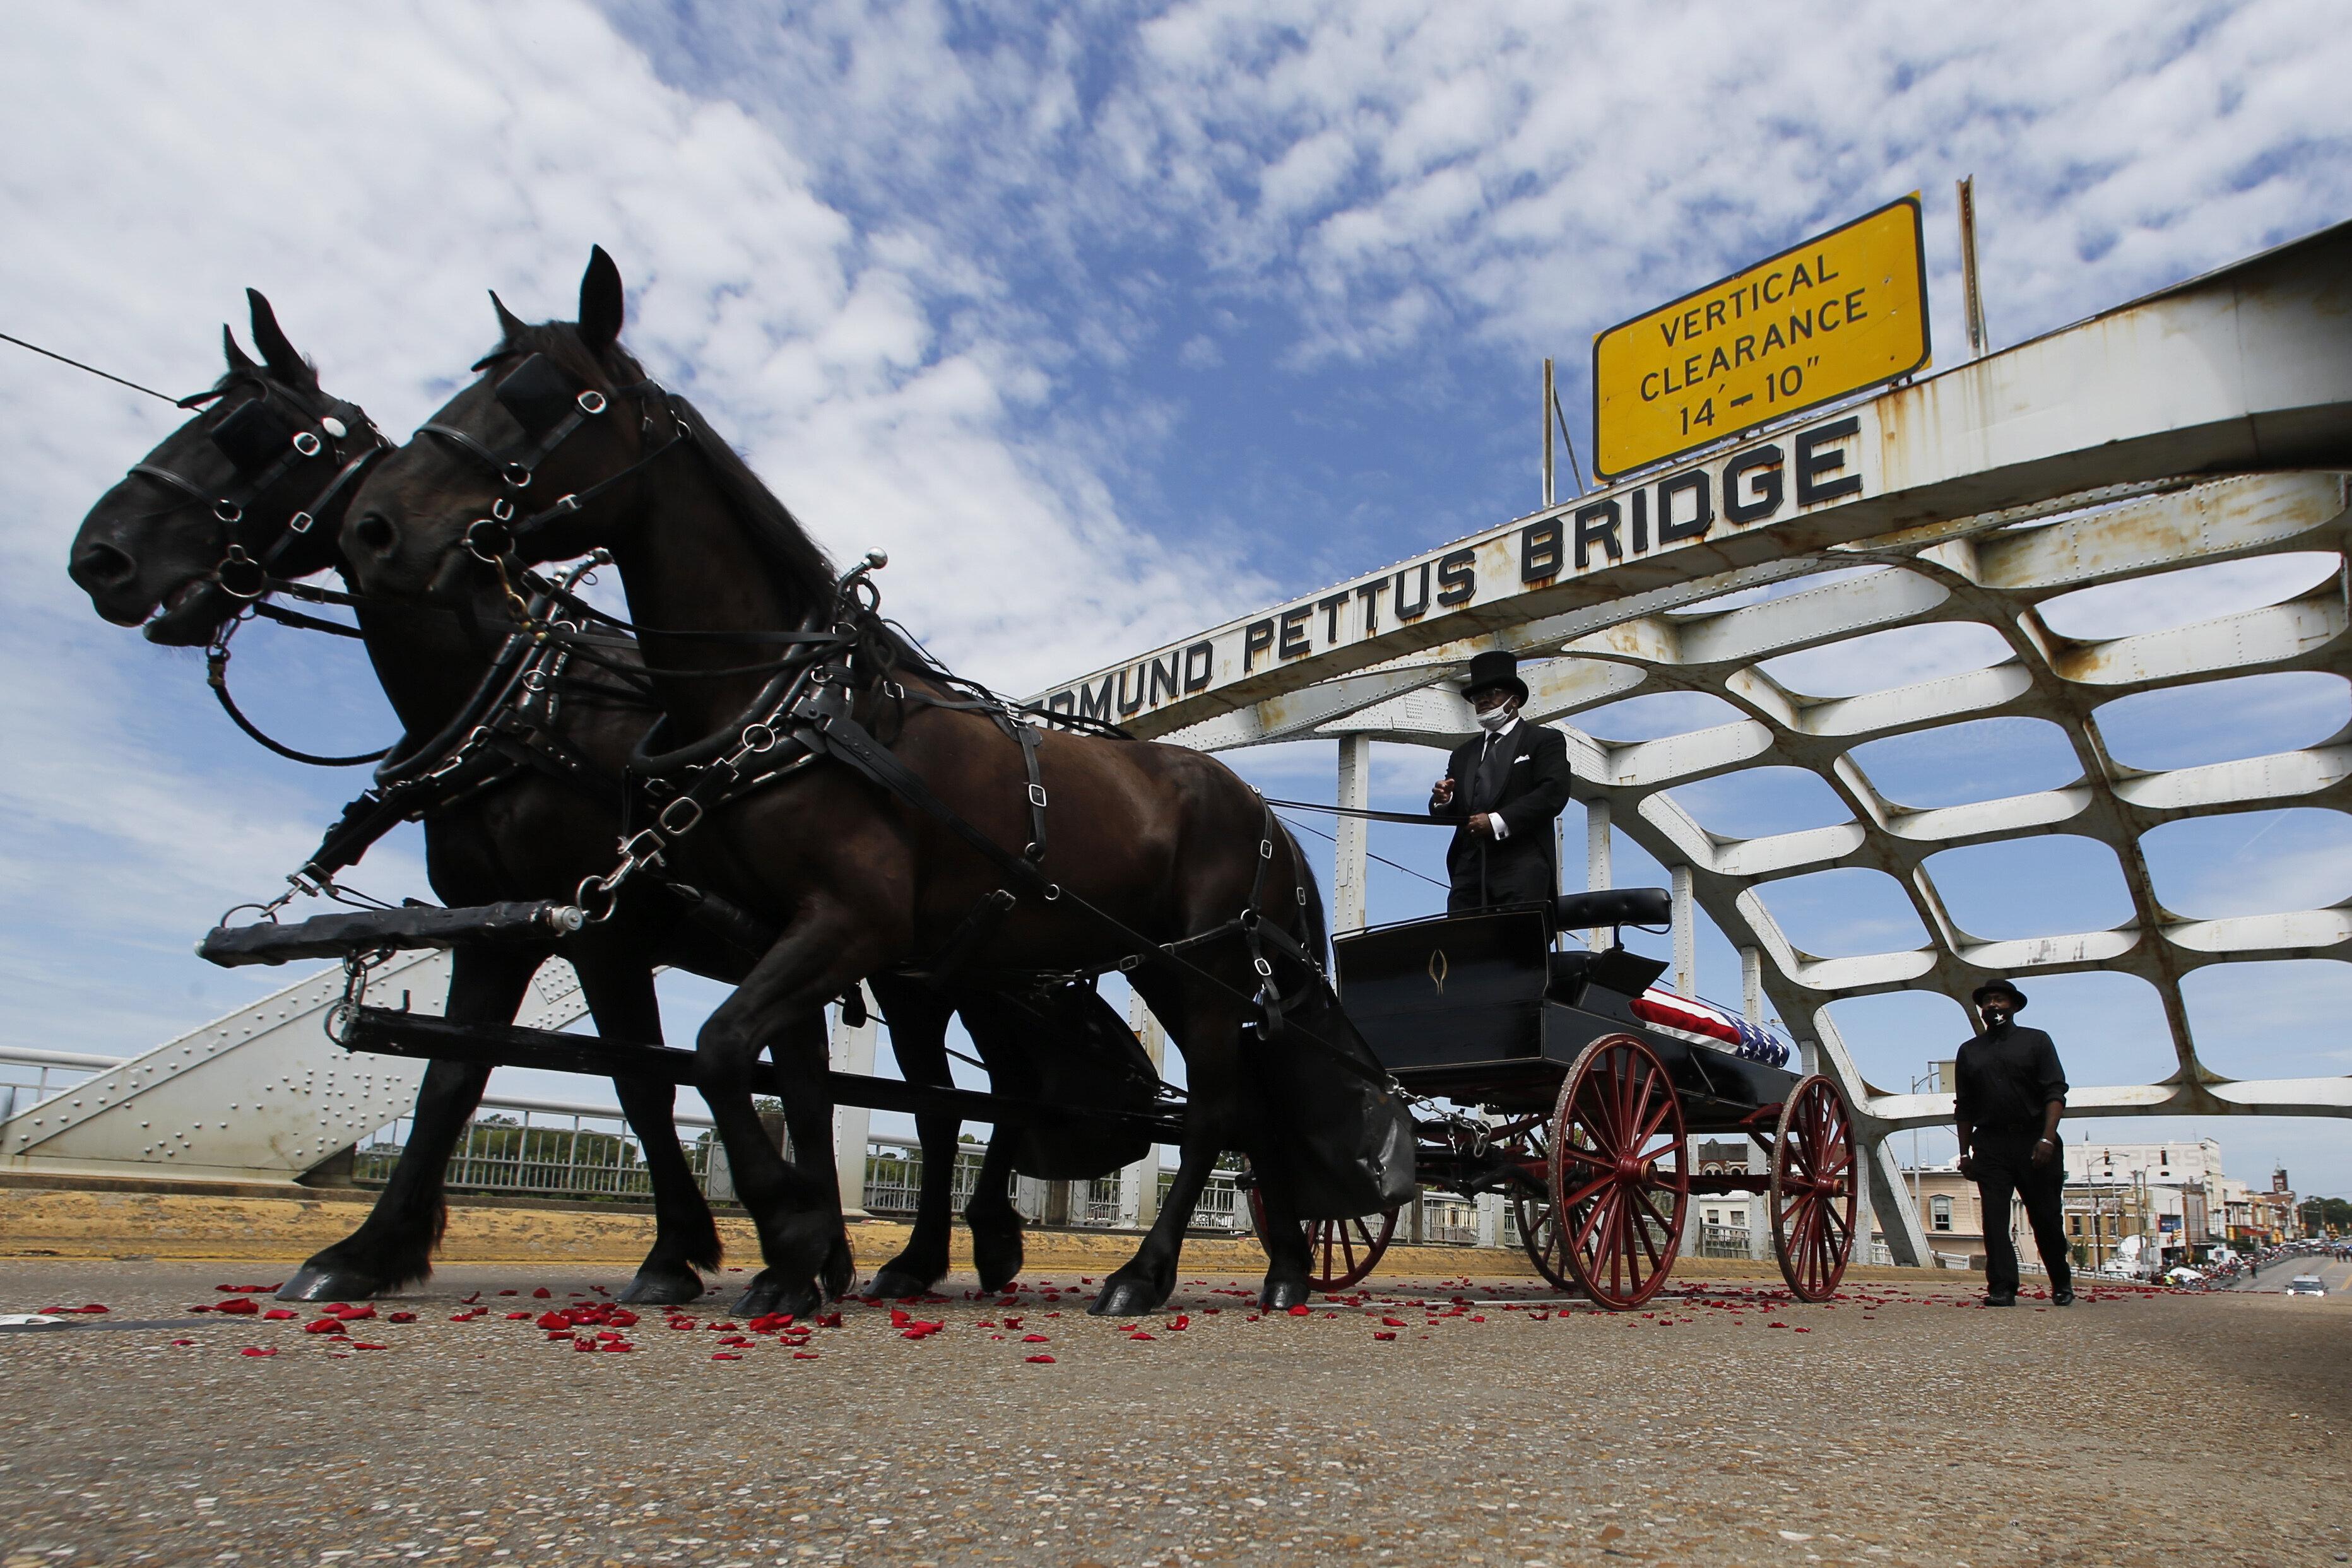 Late Rep John Lewis Crosses Edmund Pettus Bridge In Selma